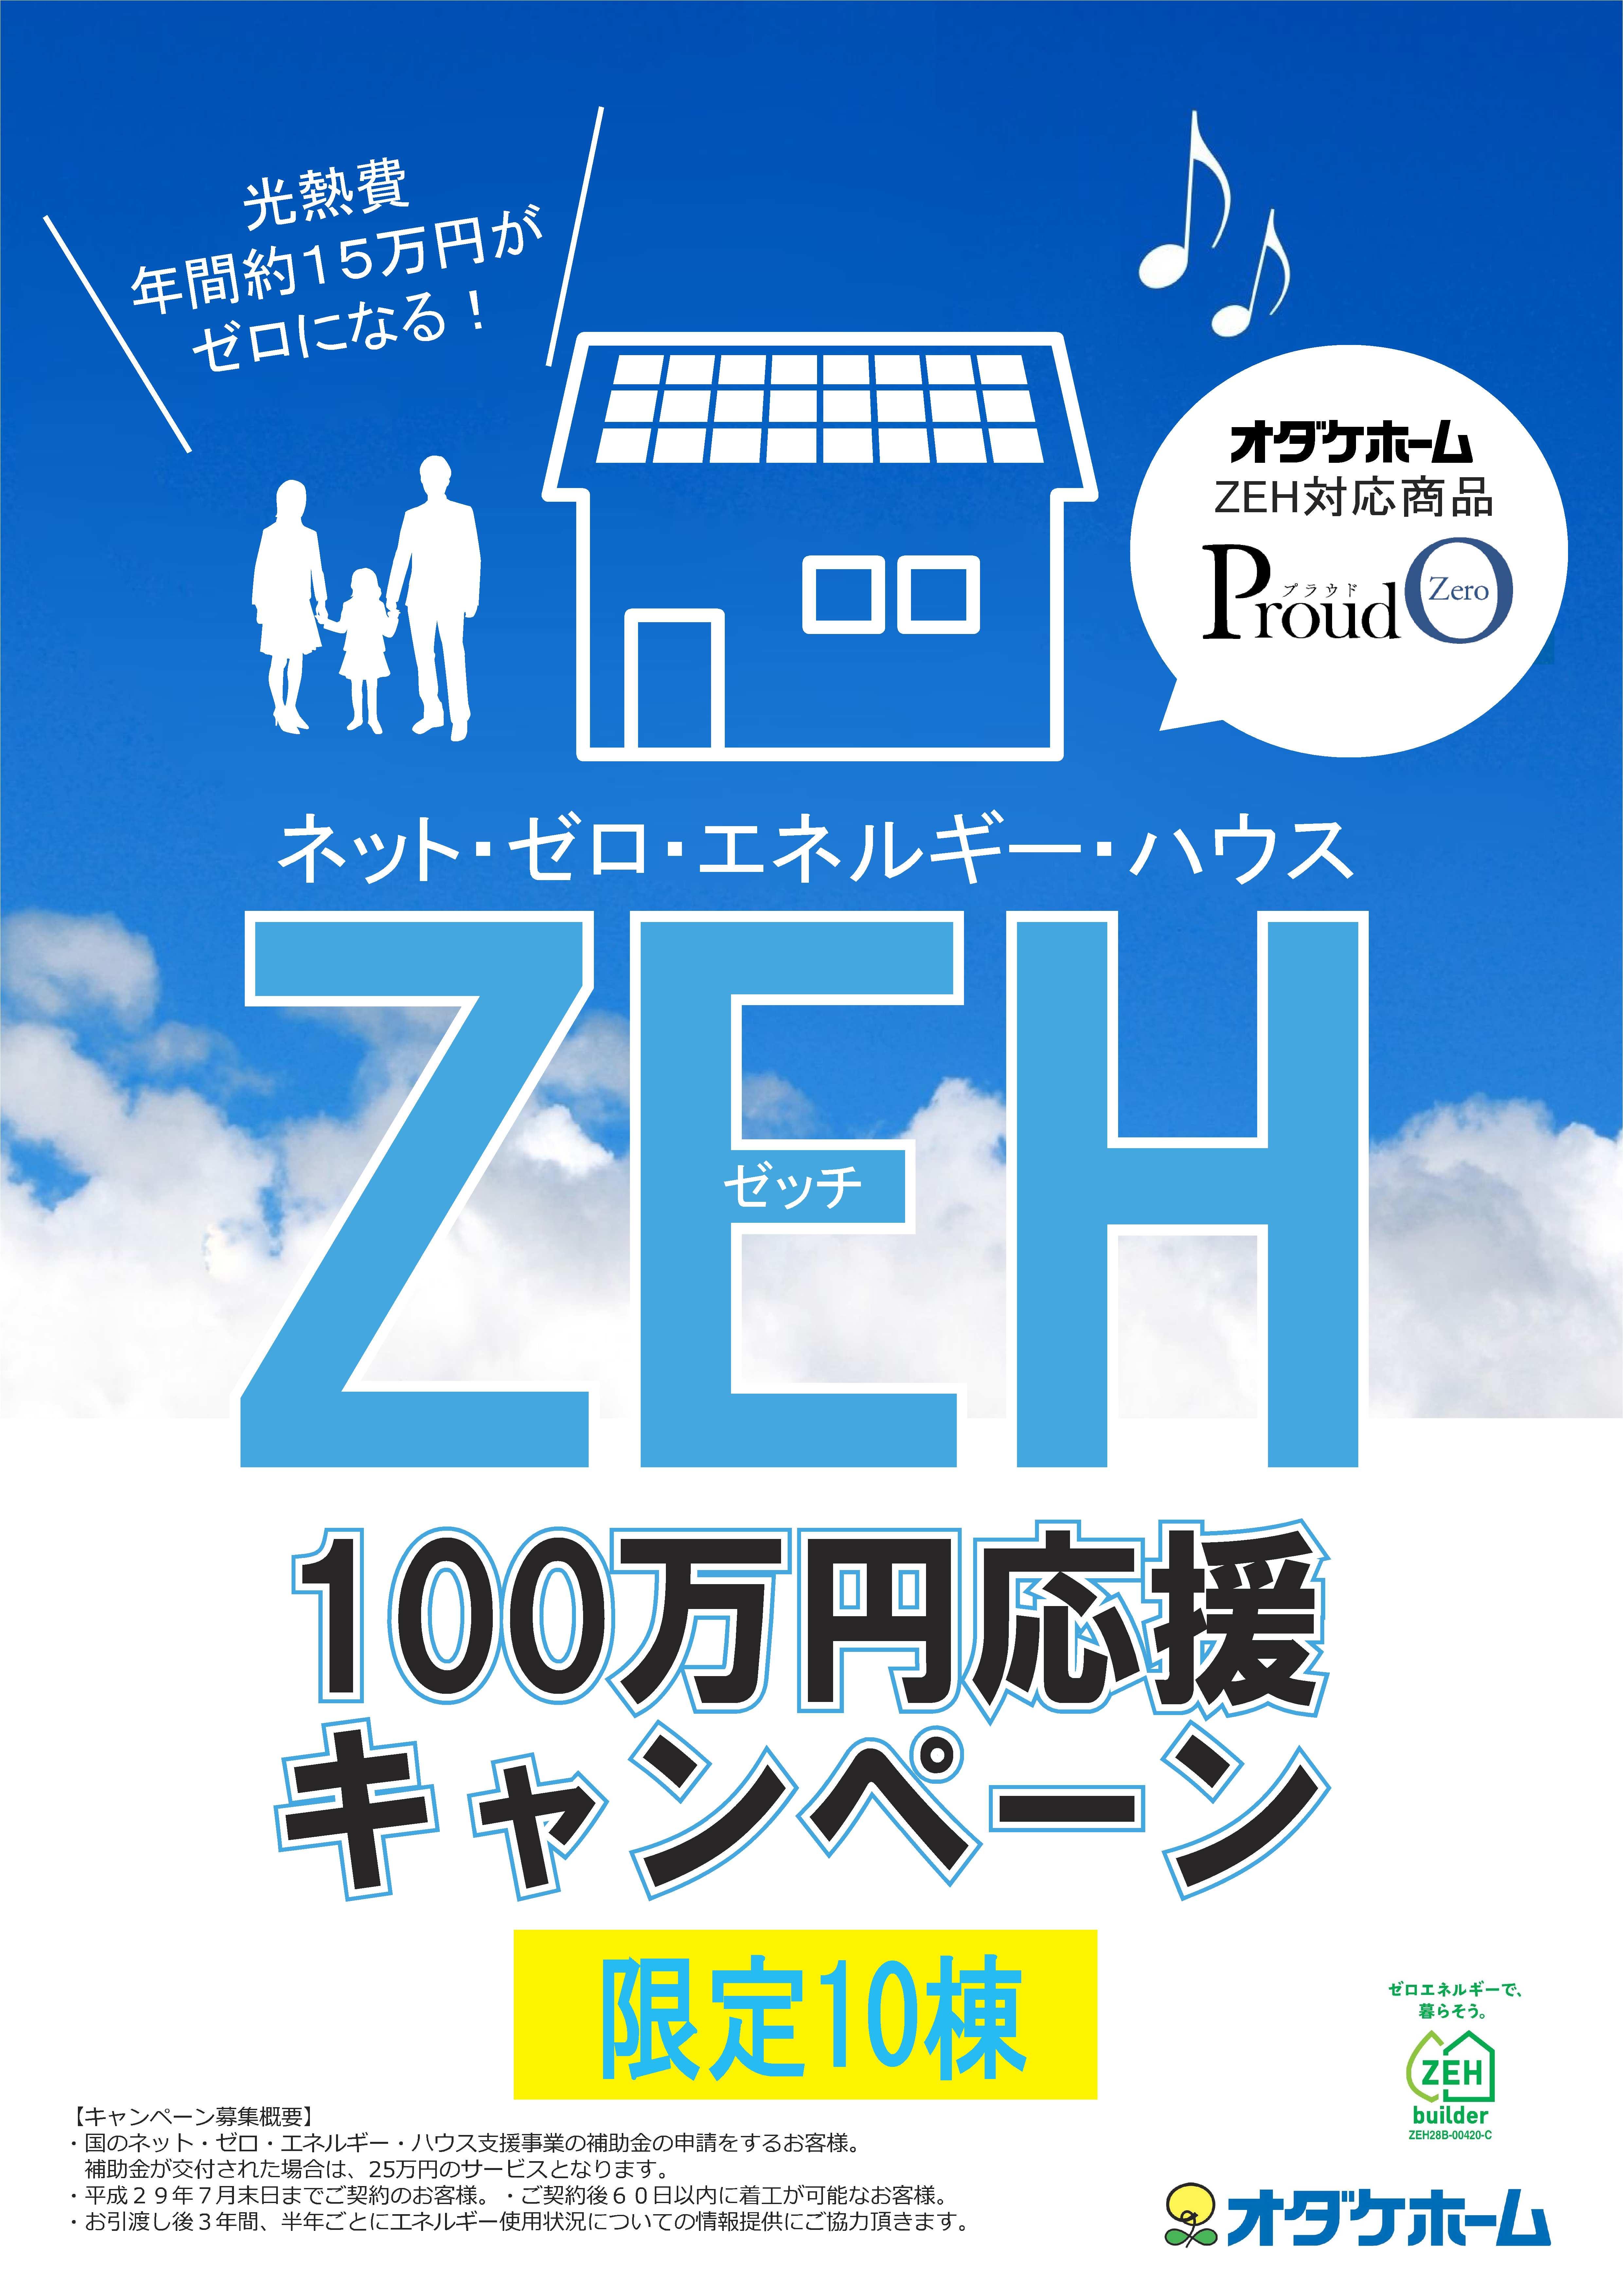 限定10棟!ZEH100万円応援キャンペーン実施中!